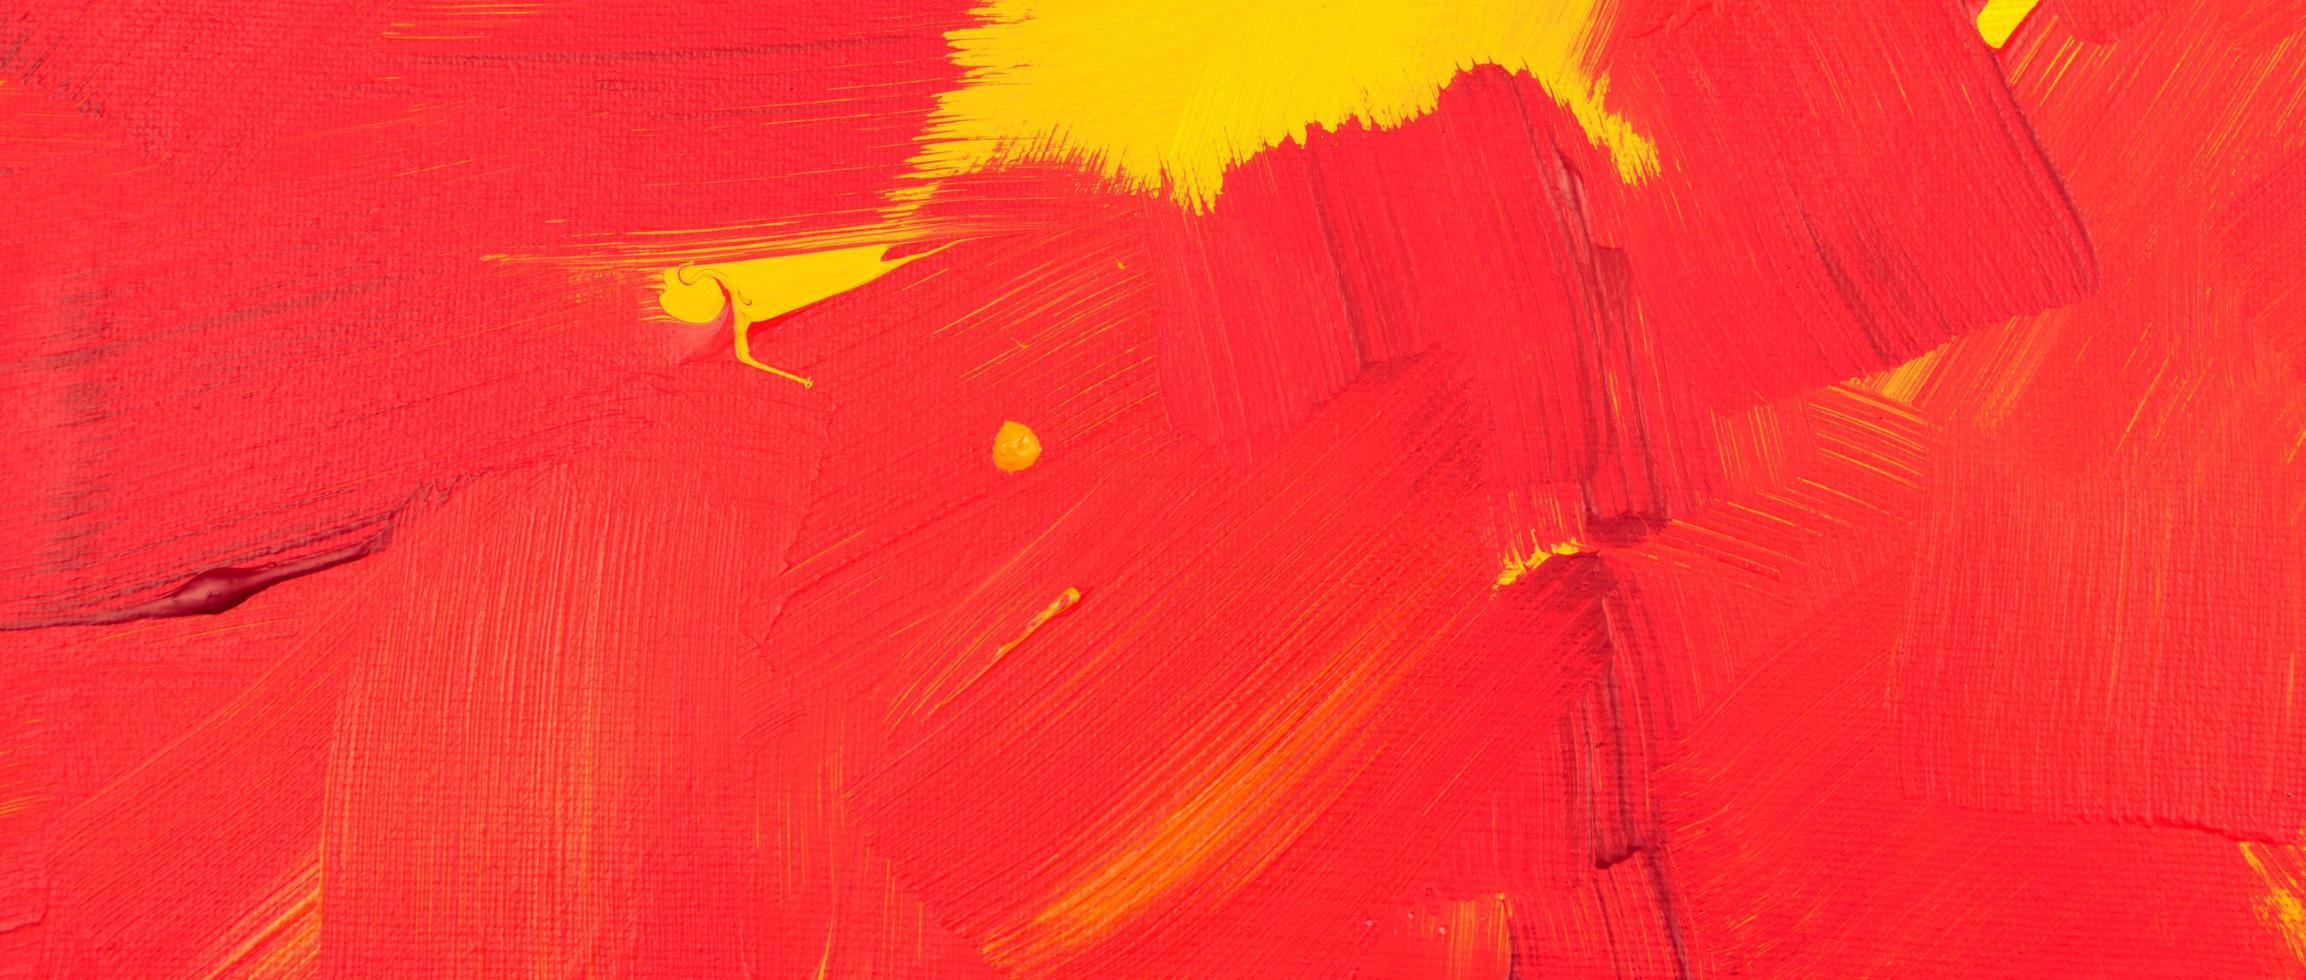 handgemachte, handgezeichnete abstrakte Malerei Hintergrund foto